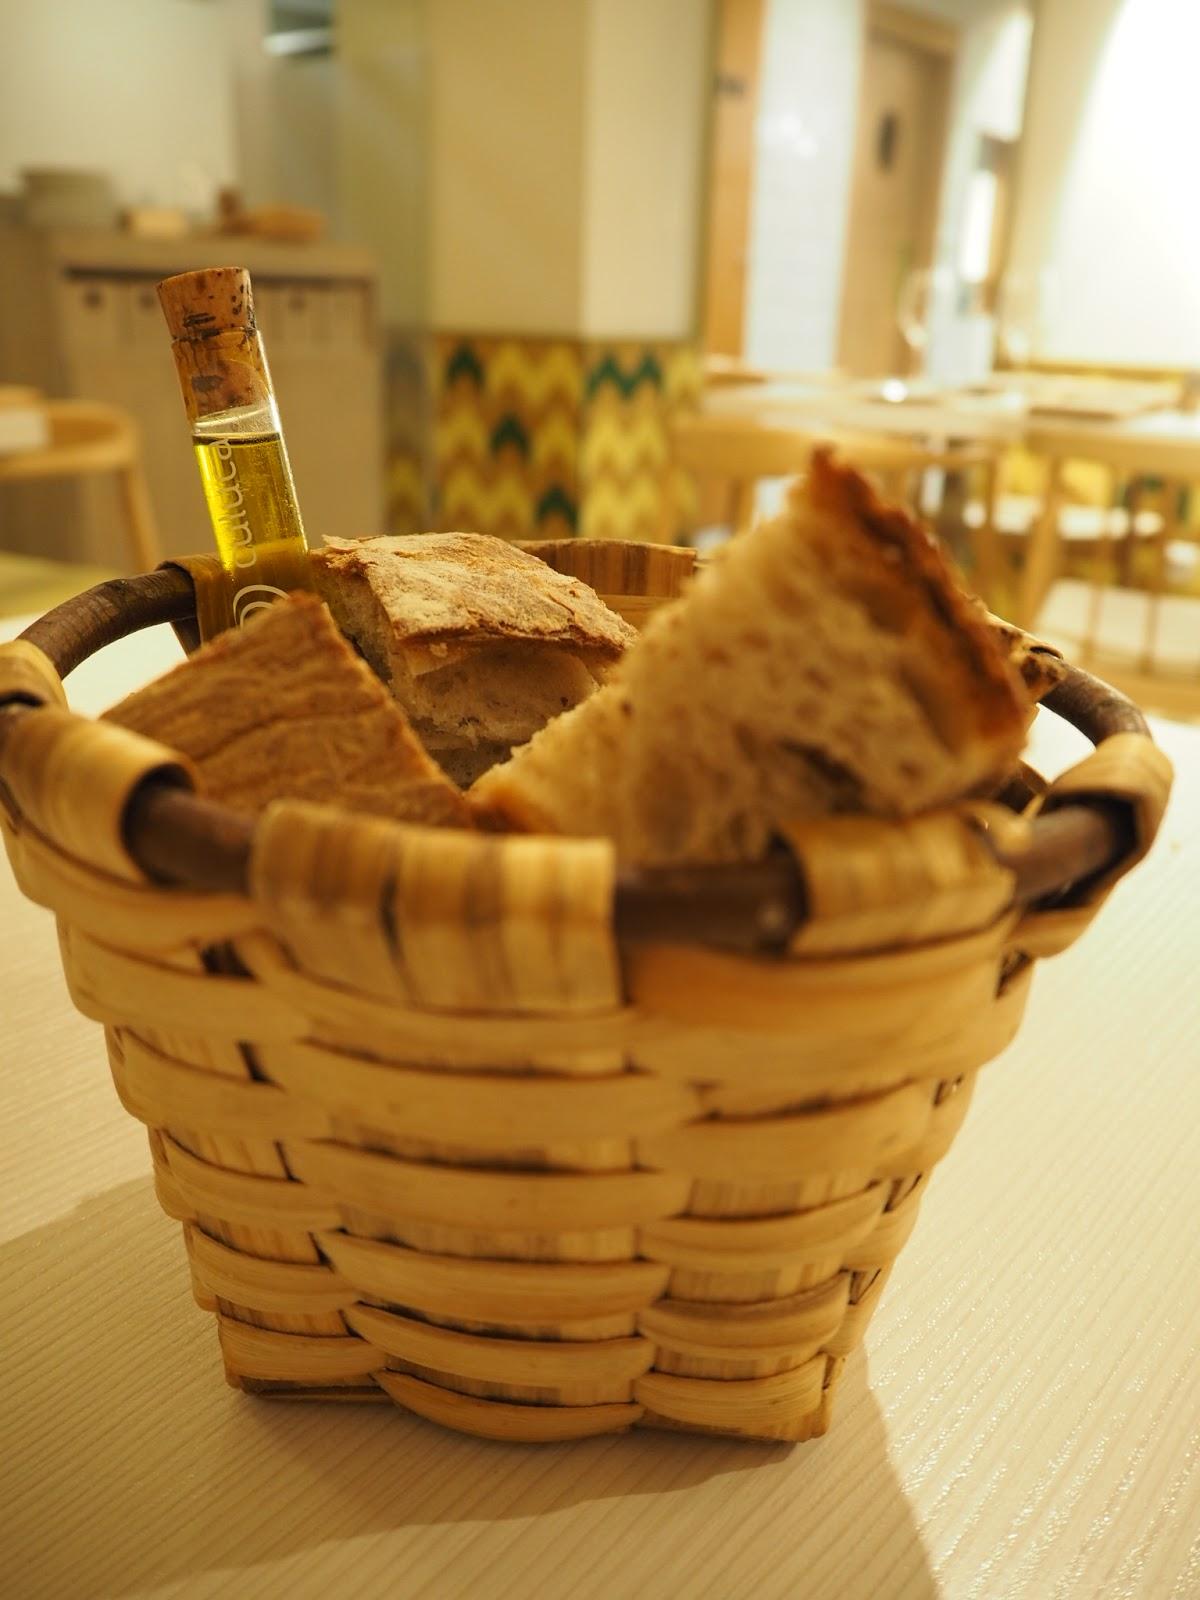 Culuca – najwyższa jakość jedzenia w A Coruna